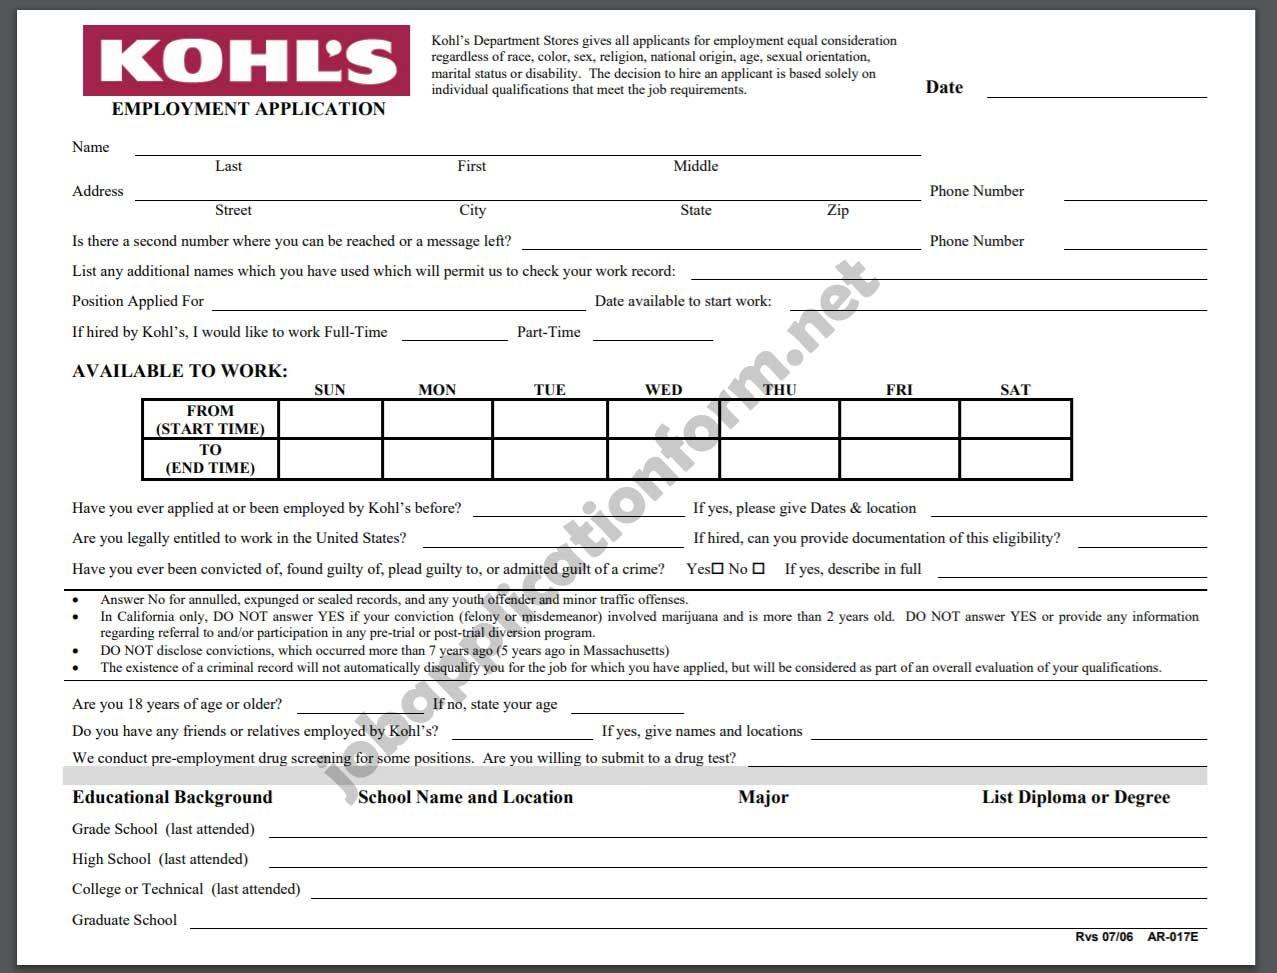 Kohl's Application Online PDF & 2020